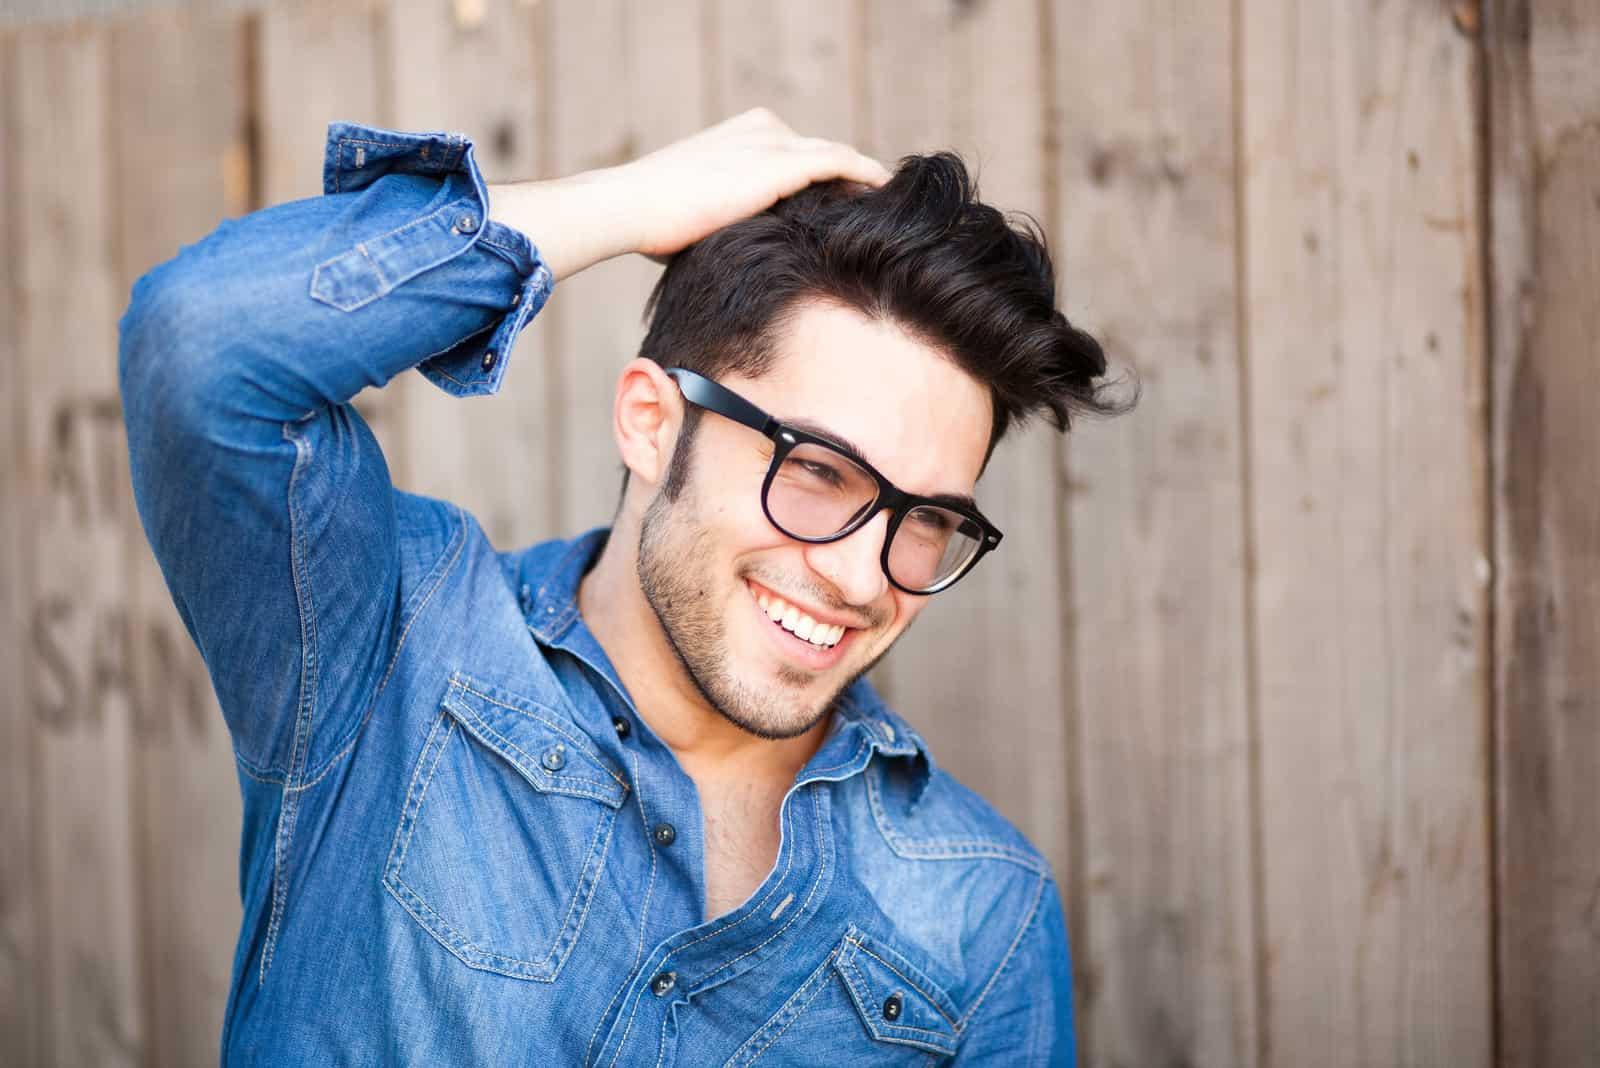 ein lächelnder Mann mit Brille auf dem Kopf